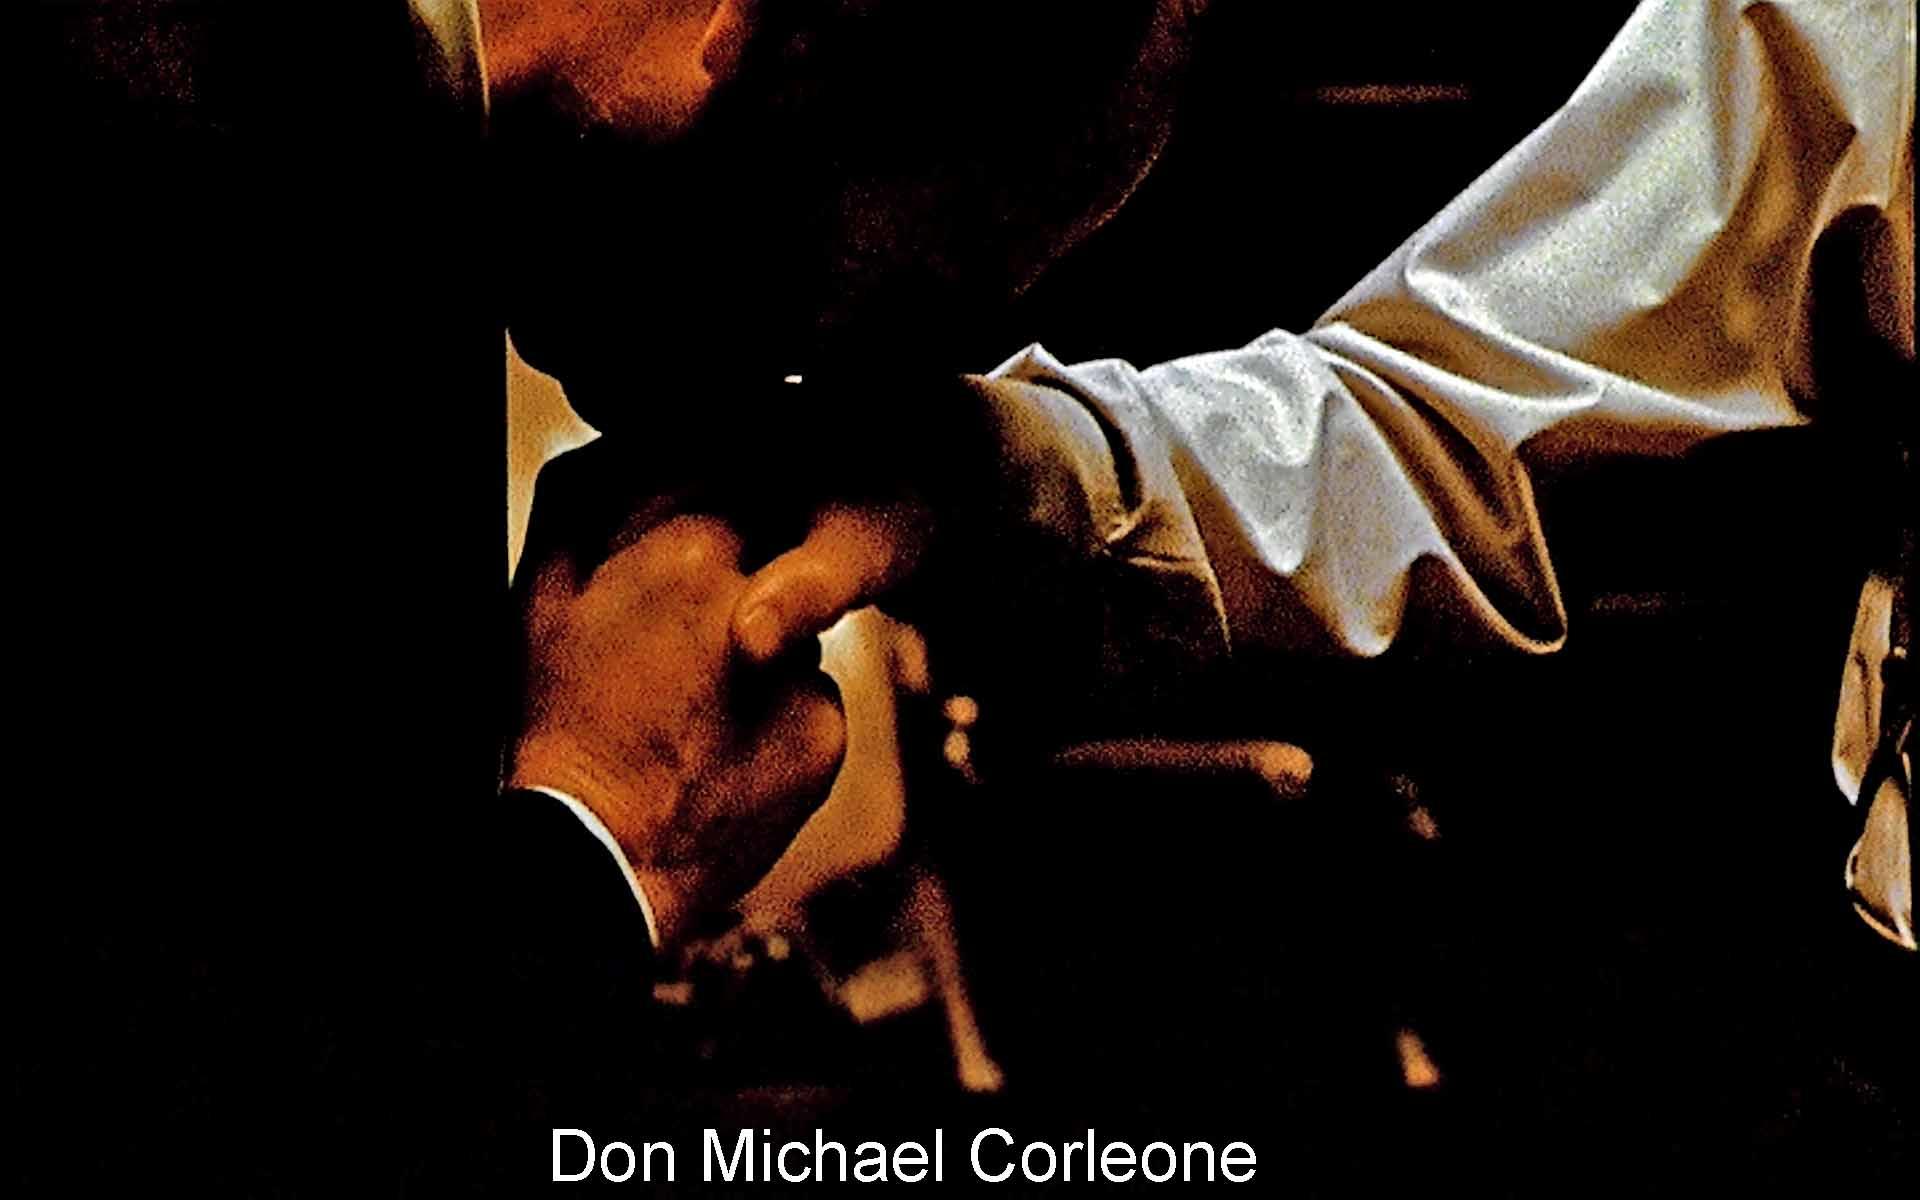 Don Michael Corleone - Poster - HD Wallpaper